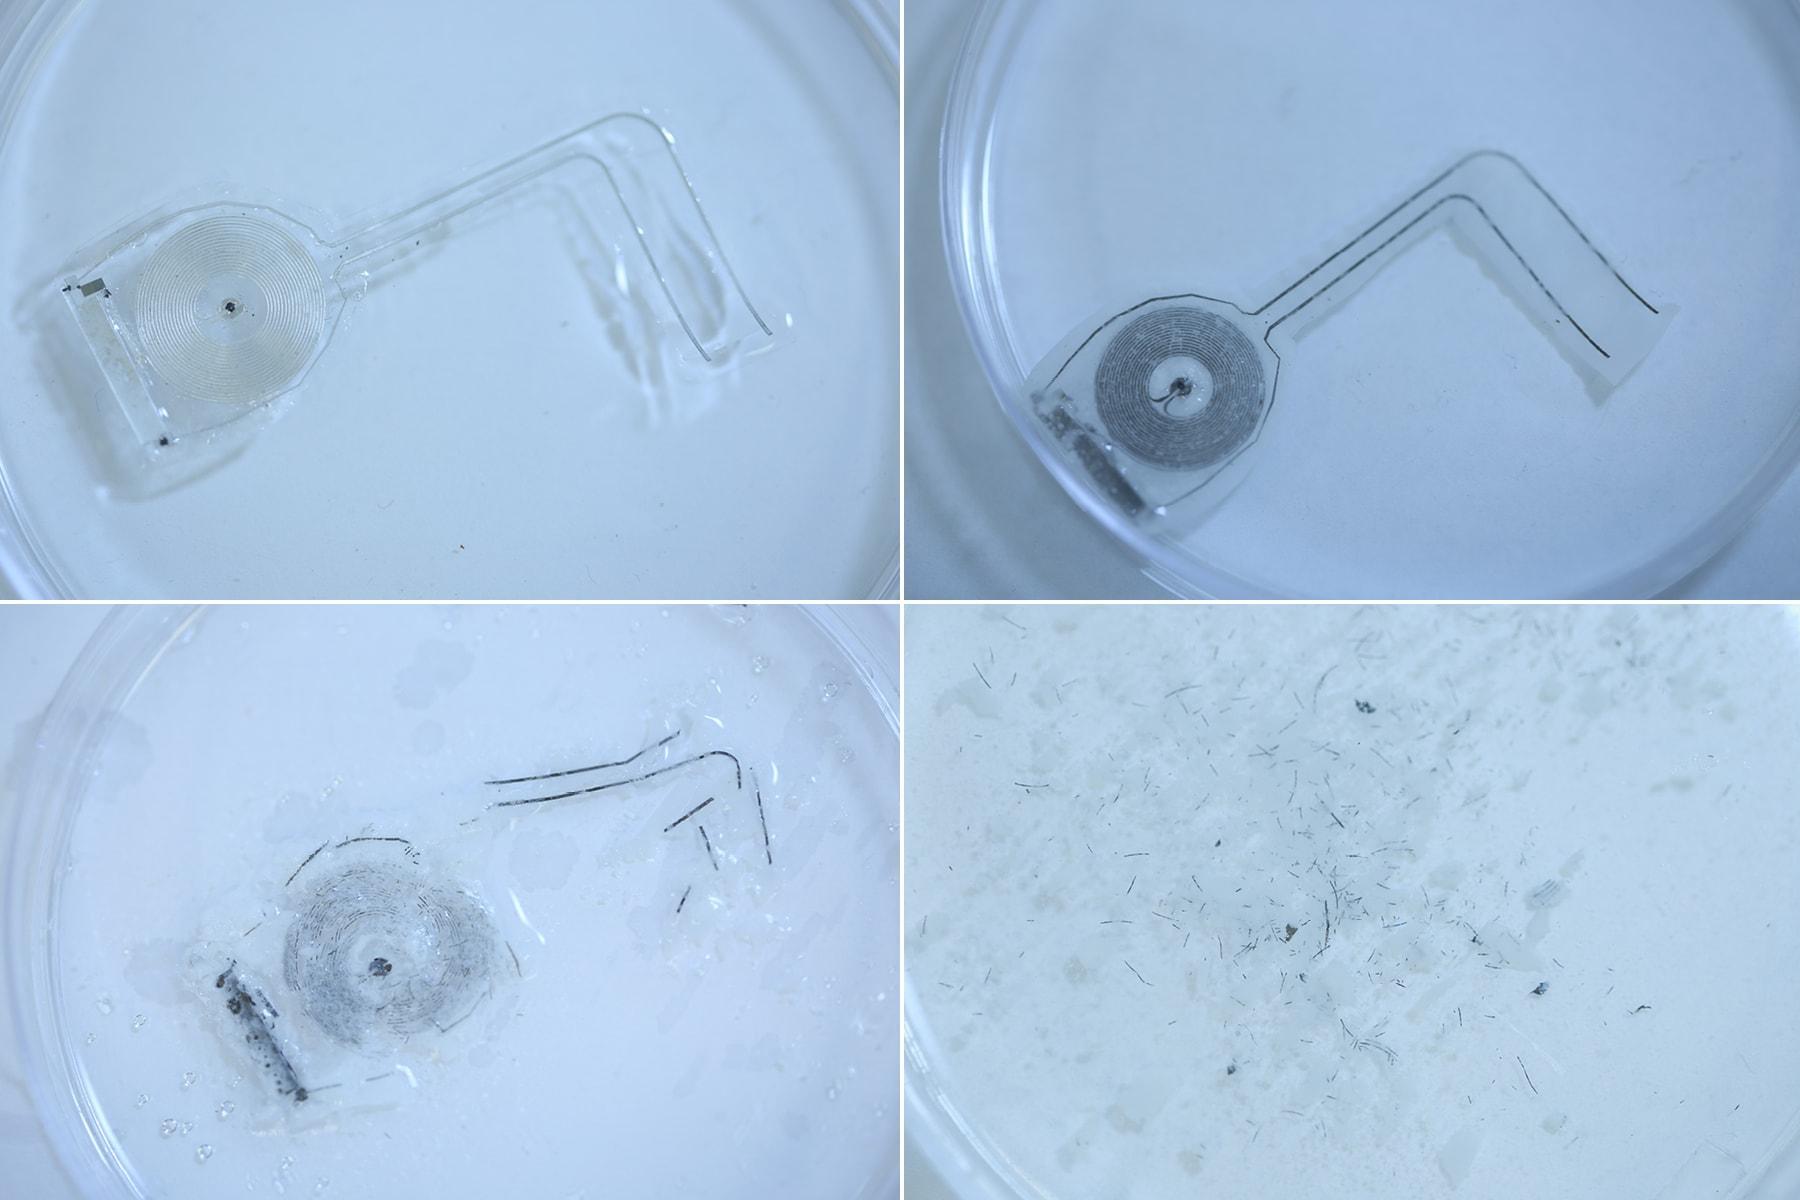 Новый биоразлагаемый имплантат ускорит восстановление повреждённых нервов